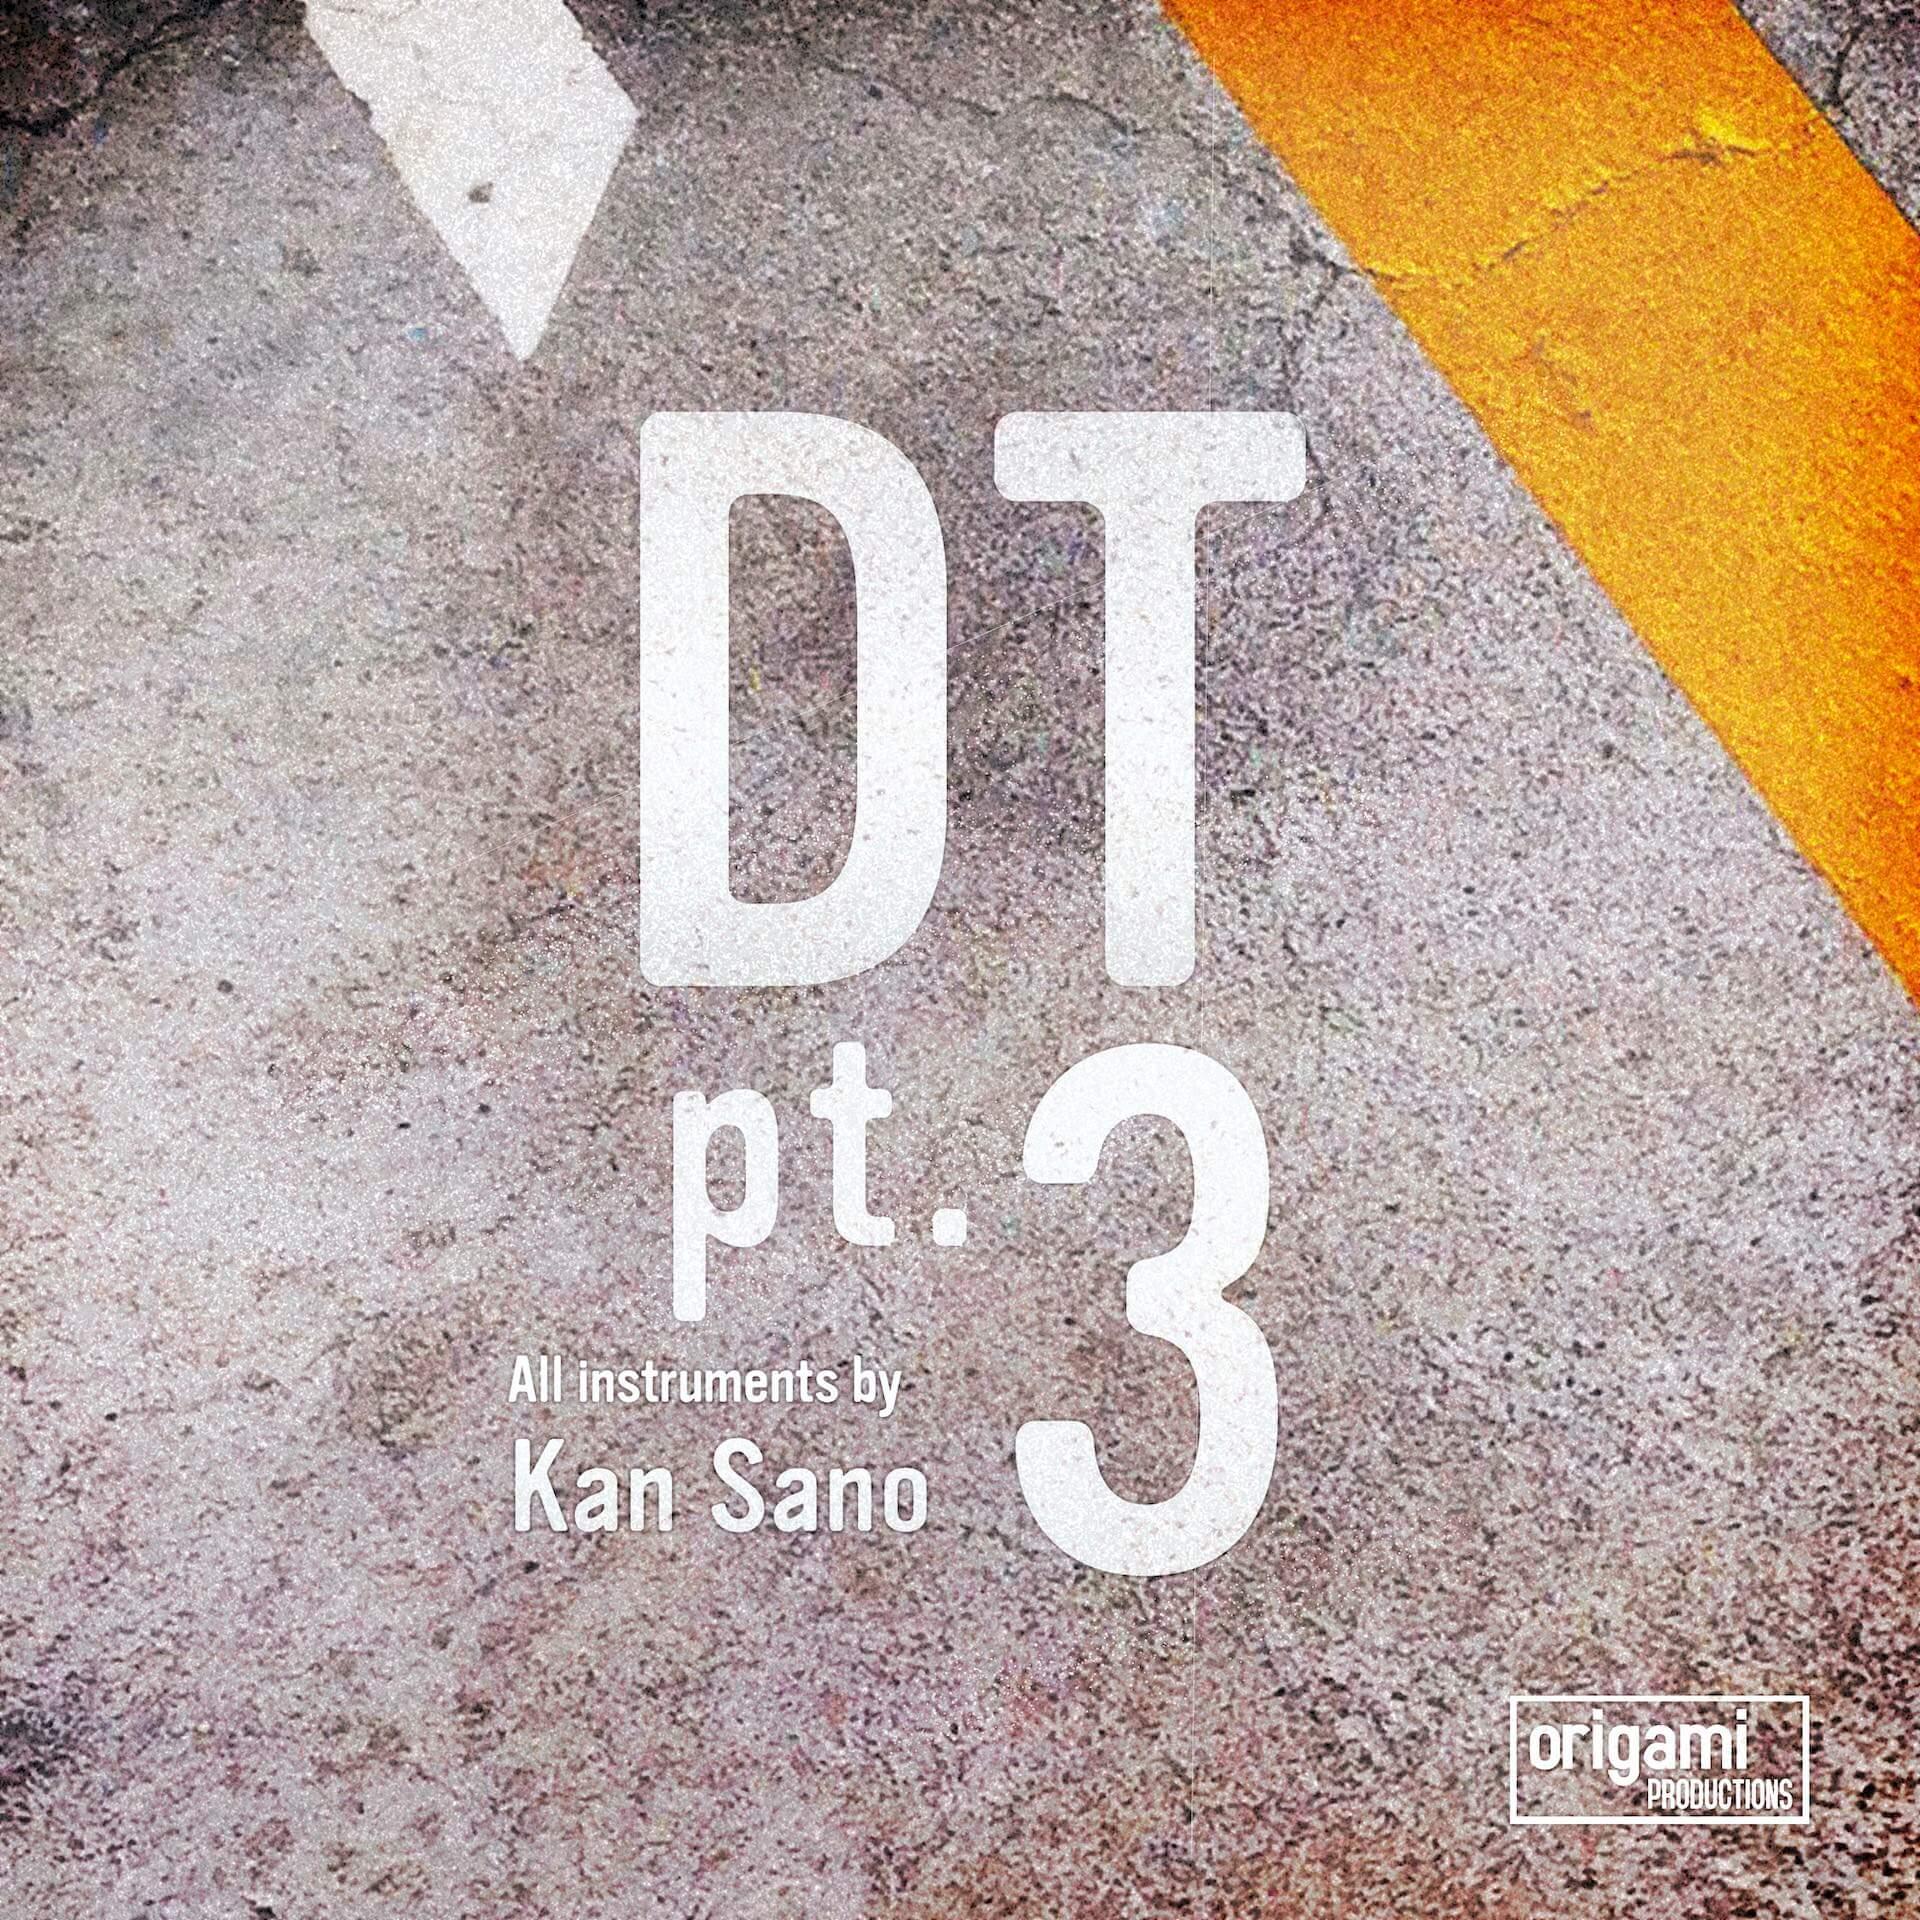 """Kan Sano新曲""""DT pt.3""""の一般公募で集まったダンス映像150本を凝縮したMVが公開!本人コメントも到着 music200603_kan_sano_2"""